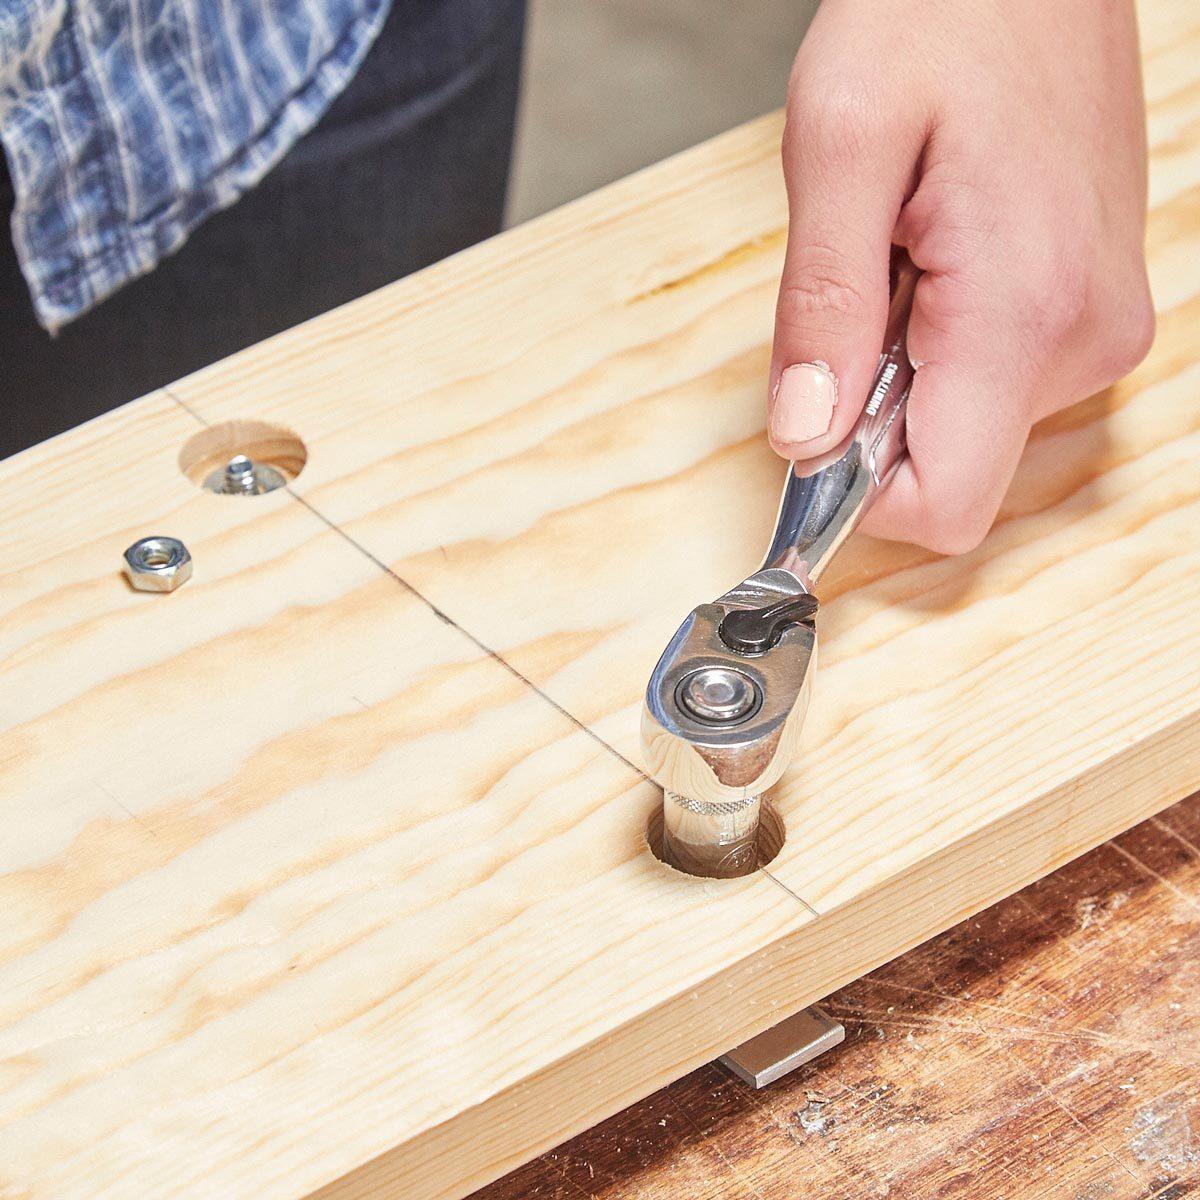 tighten the hanger nuts